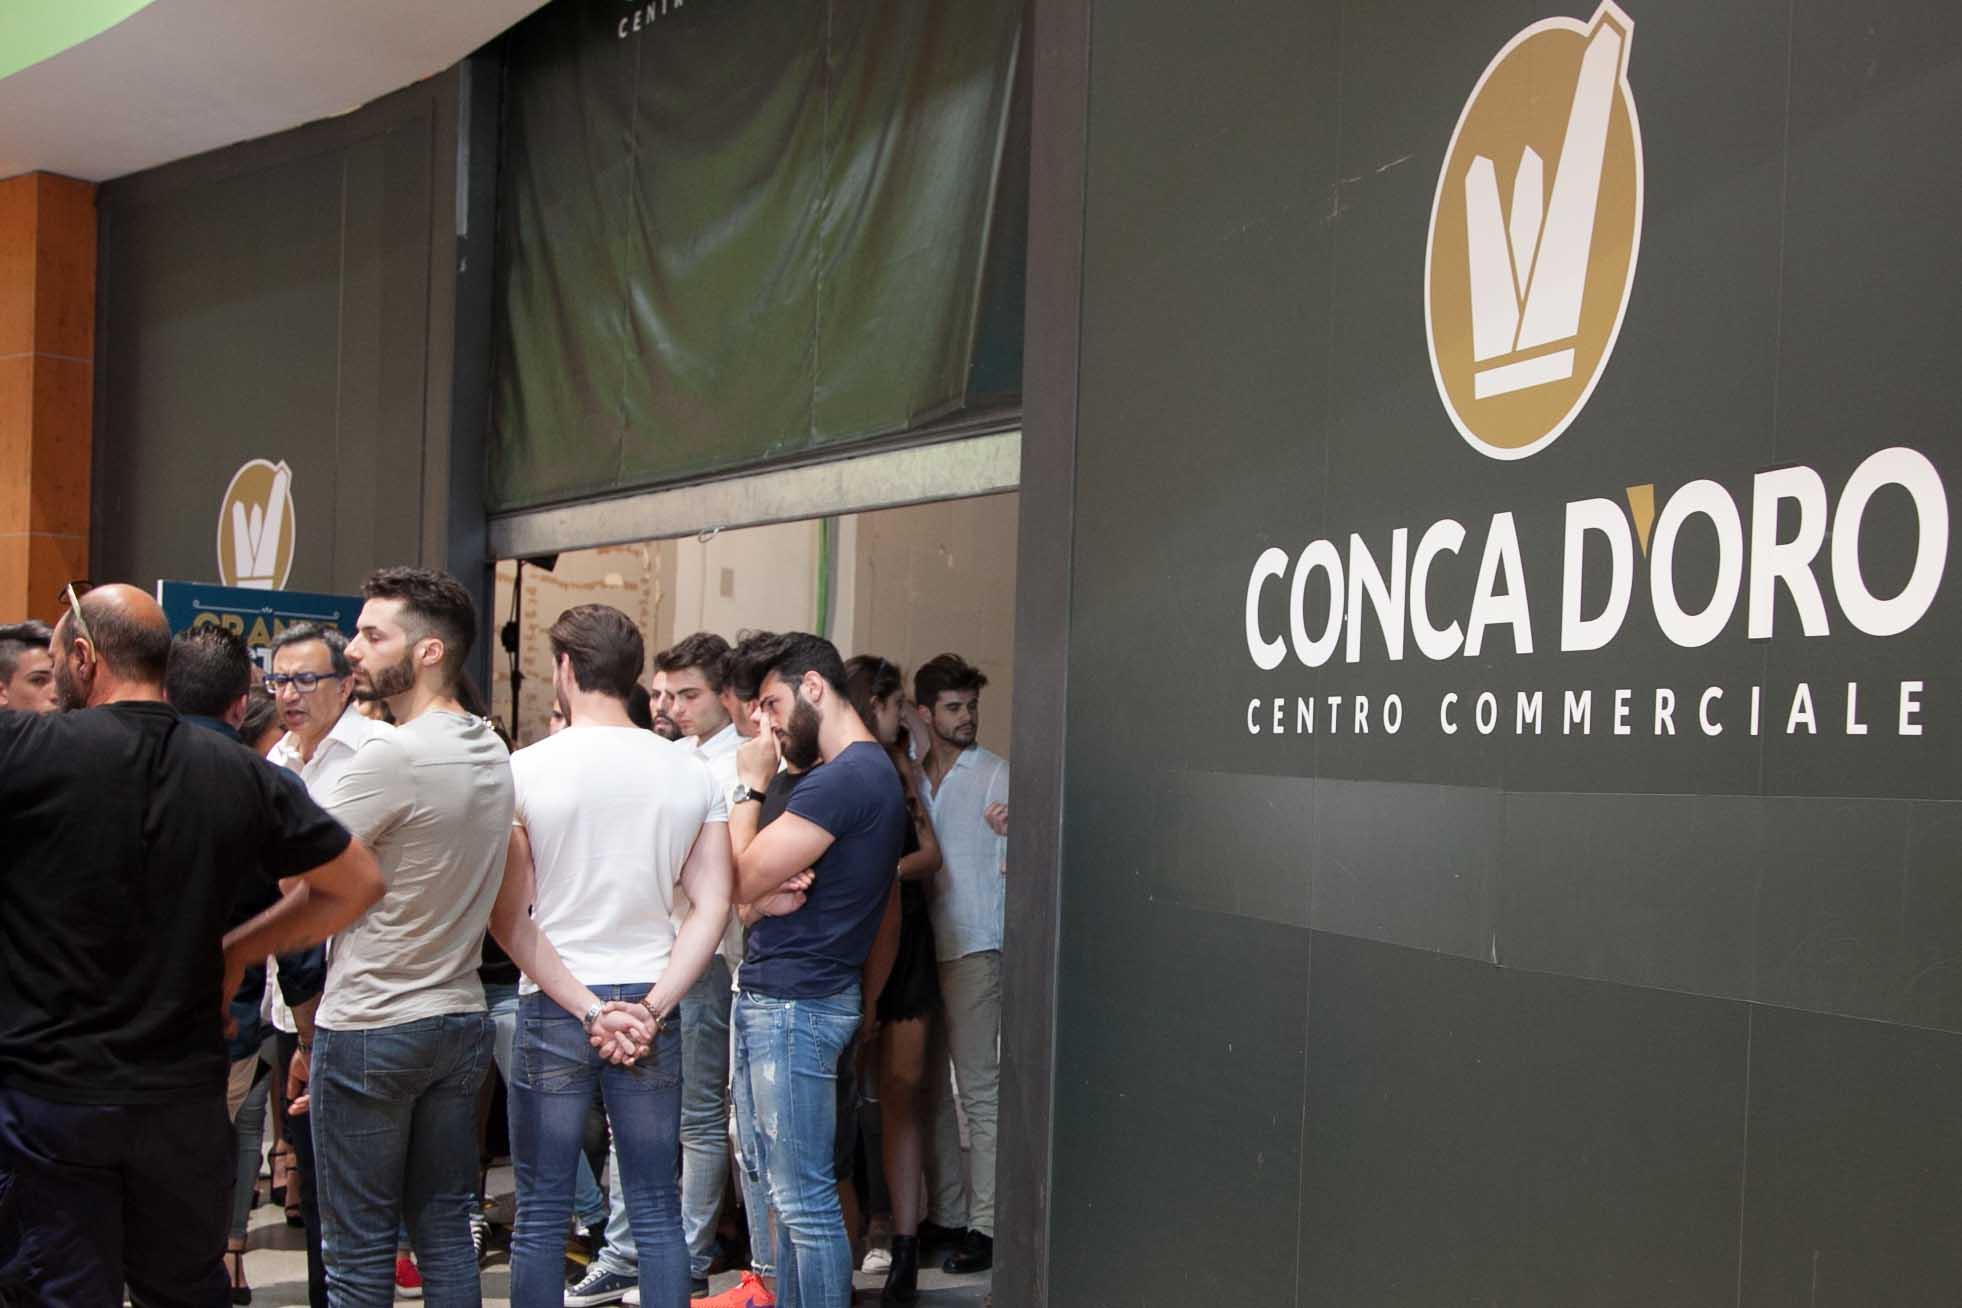 Moda in passerella a palermo: giovani sfilano al centro commerciale